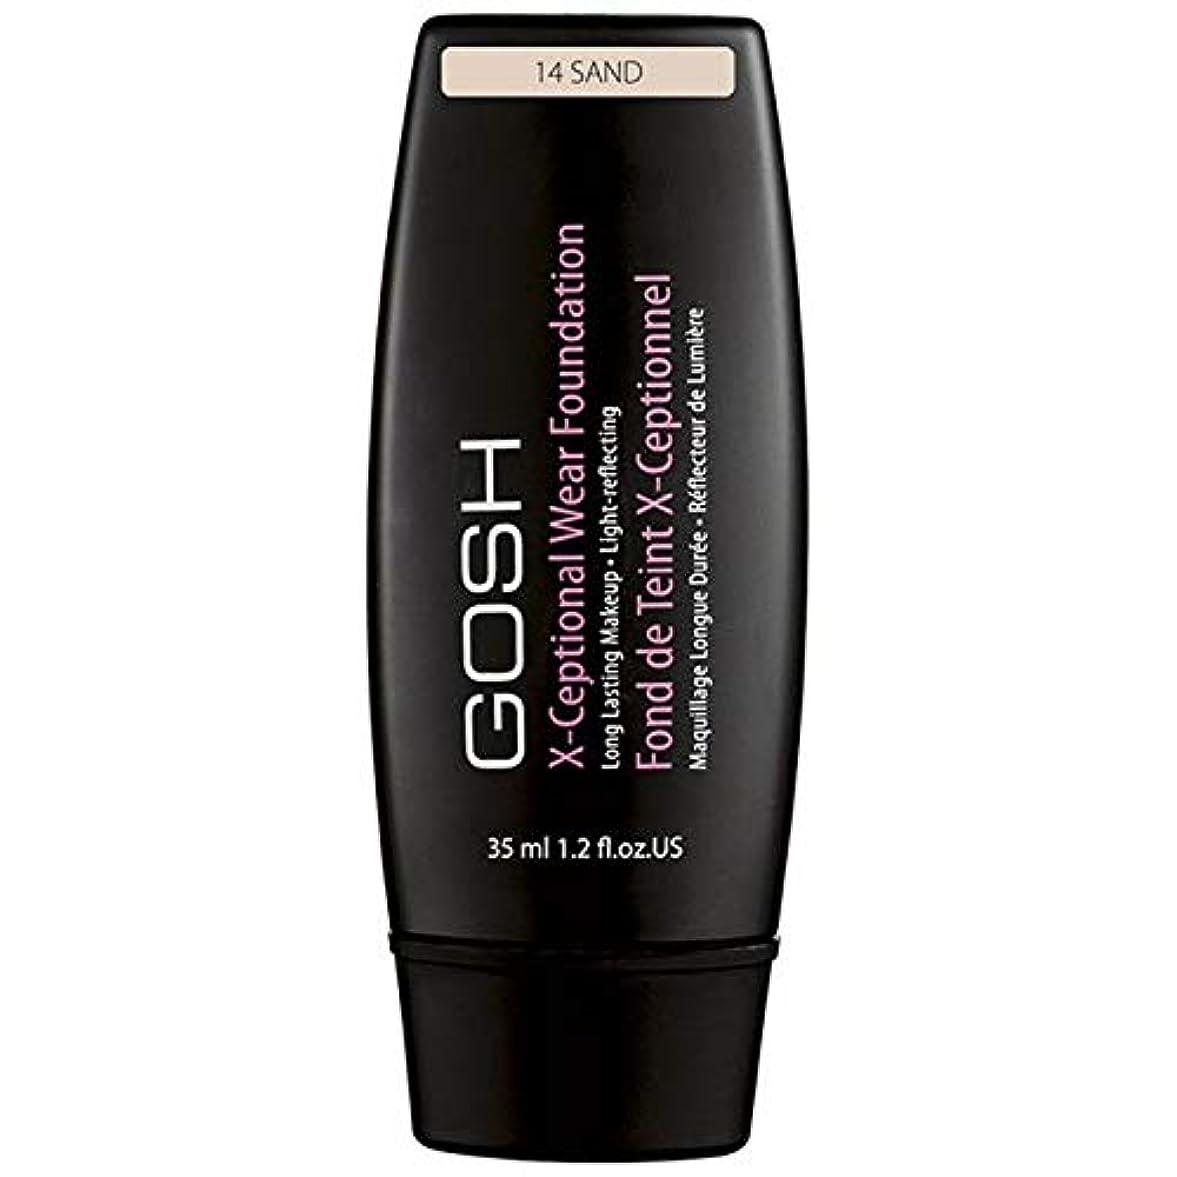 期待奨学金雑品[GOSH ] おやっX-Ceptional砂14を構成して着用 - Gosh X-Ceptional Wear Make Up Sand 14 [並行輸入品]